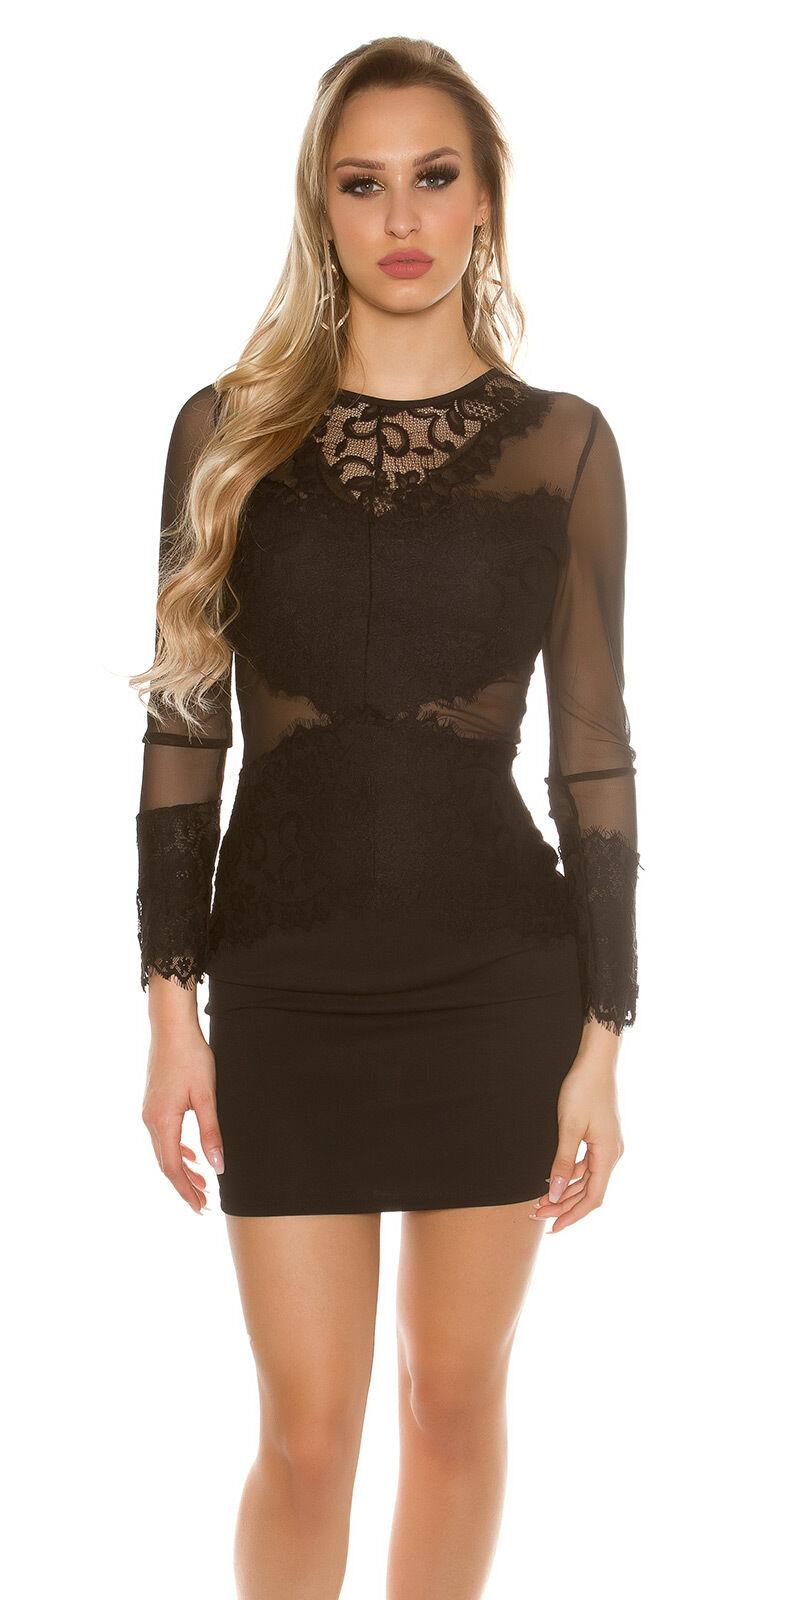 Vestito donna pizzo mini abito elegante tubino miniabito vestitino sera  cocktail de1477777fc